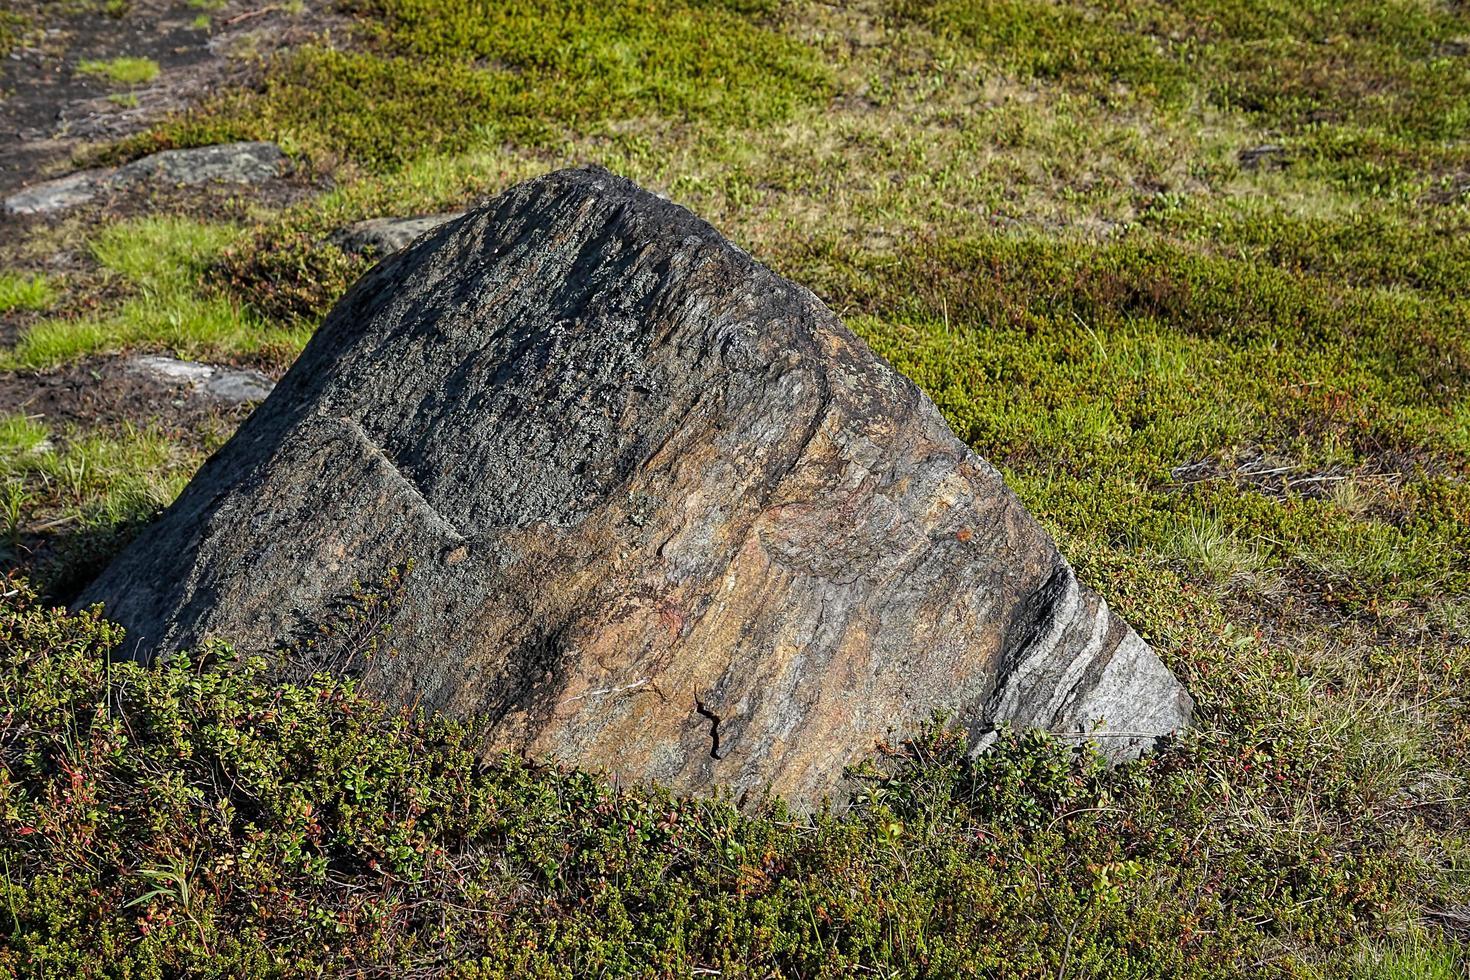 grote rots in een groen veld in Rusland foto